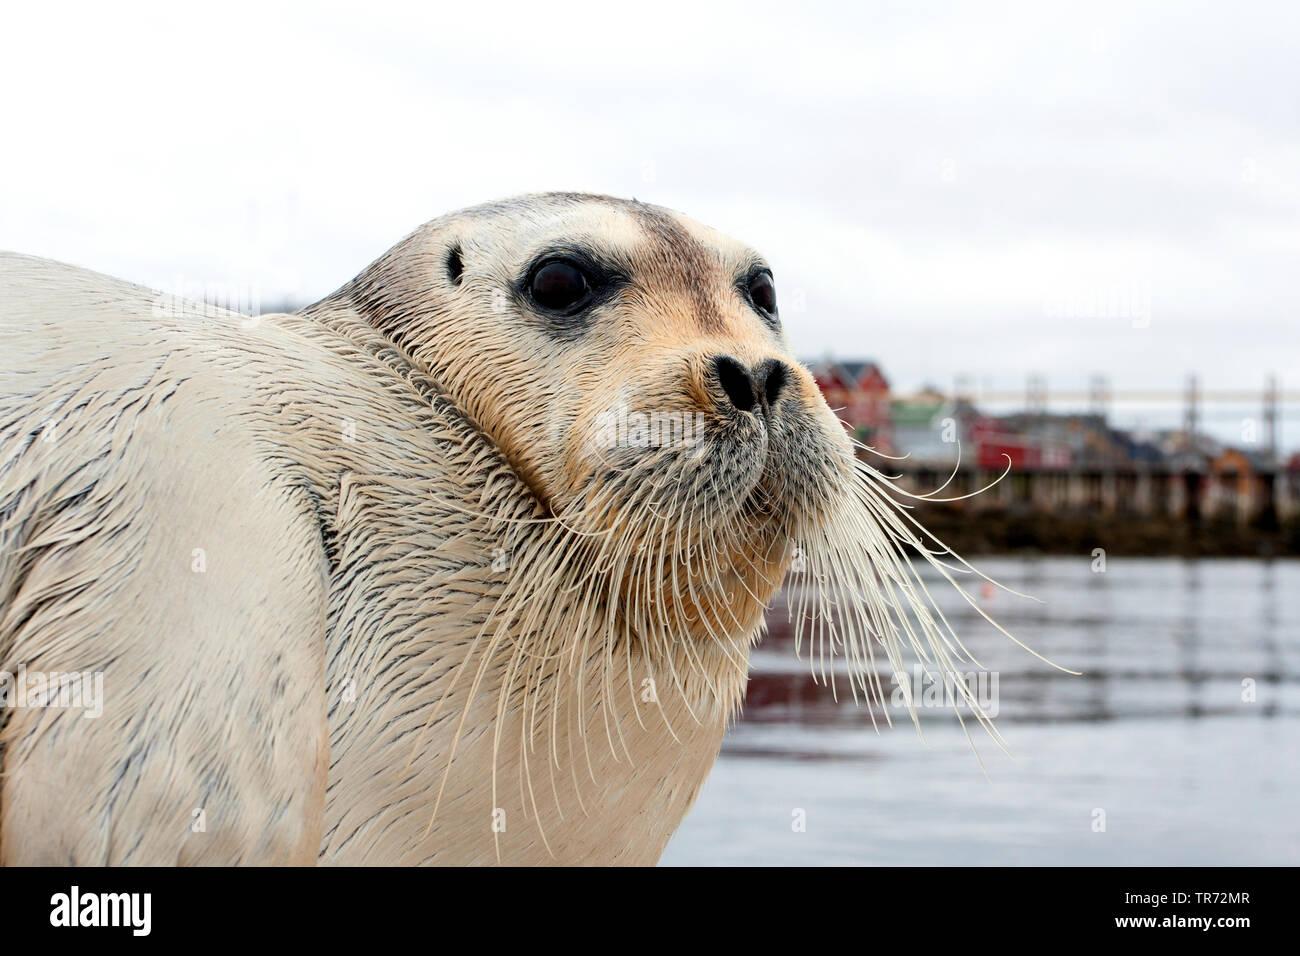 Bartrobbe, Bart-Robbe (Erignathus barbatus), liegt im Hafen, Portraet, Grossbritannien, Schottland   bearded seal (Erignathus barbatus), portrait, Uni - Stock Image